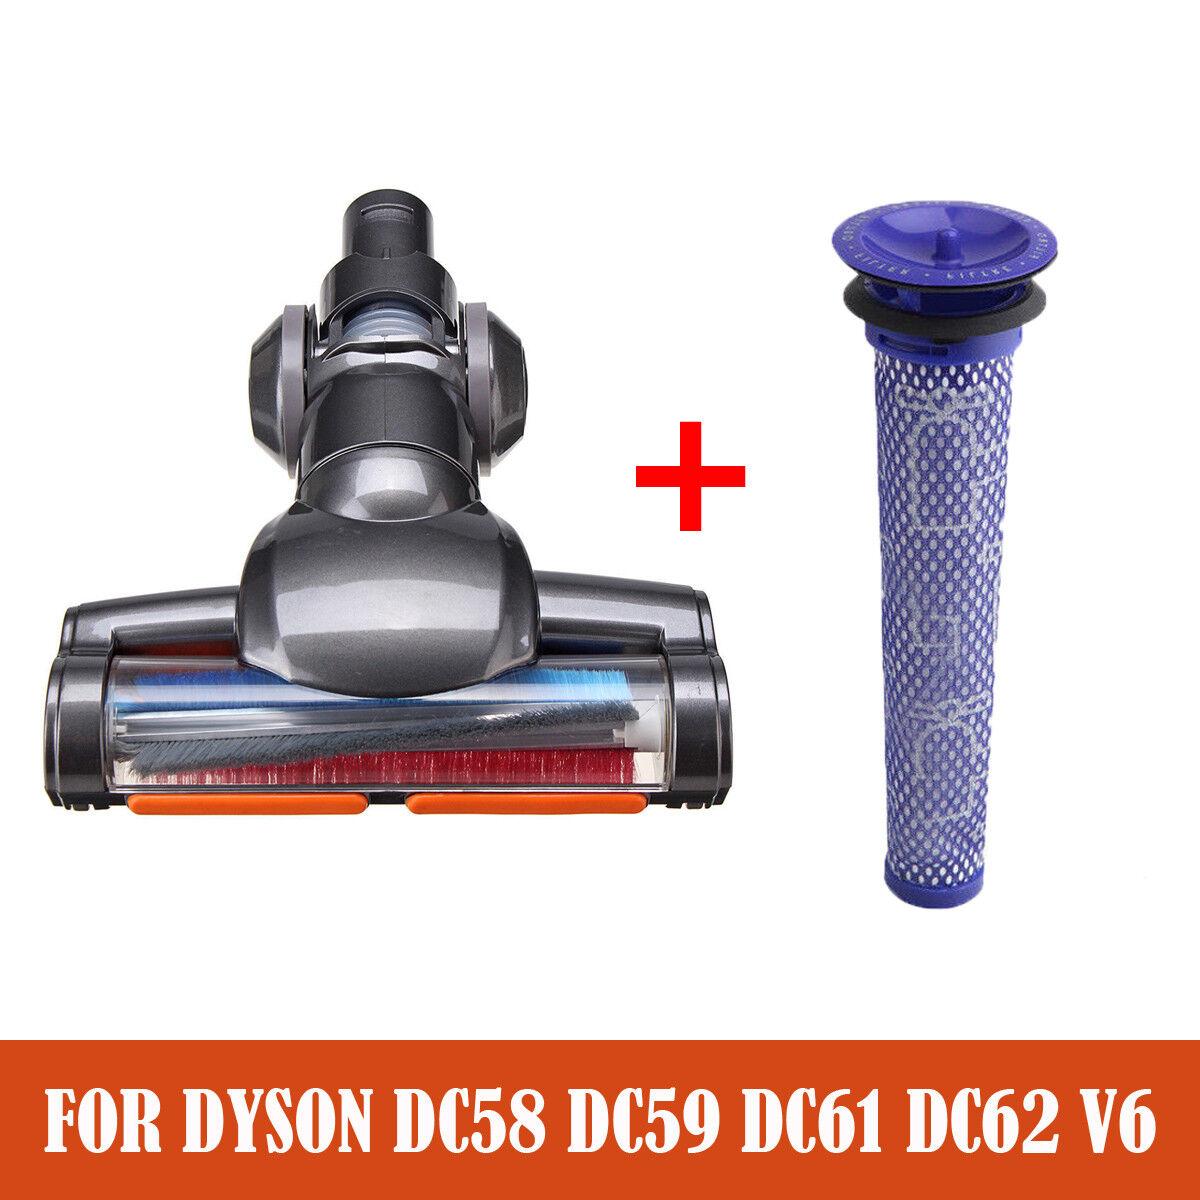 Фильтр к пылесосу dyson dс 62 купить насадку на пылесос дайсон